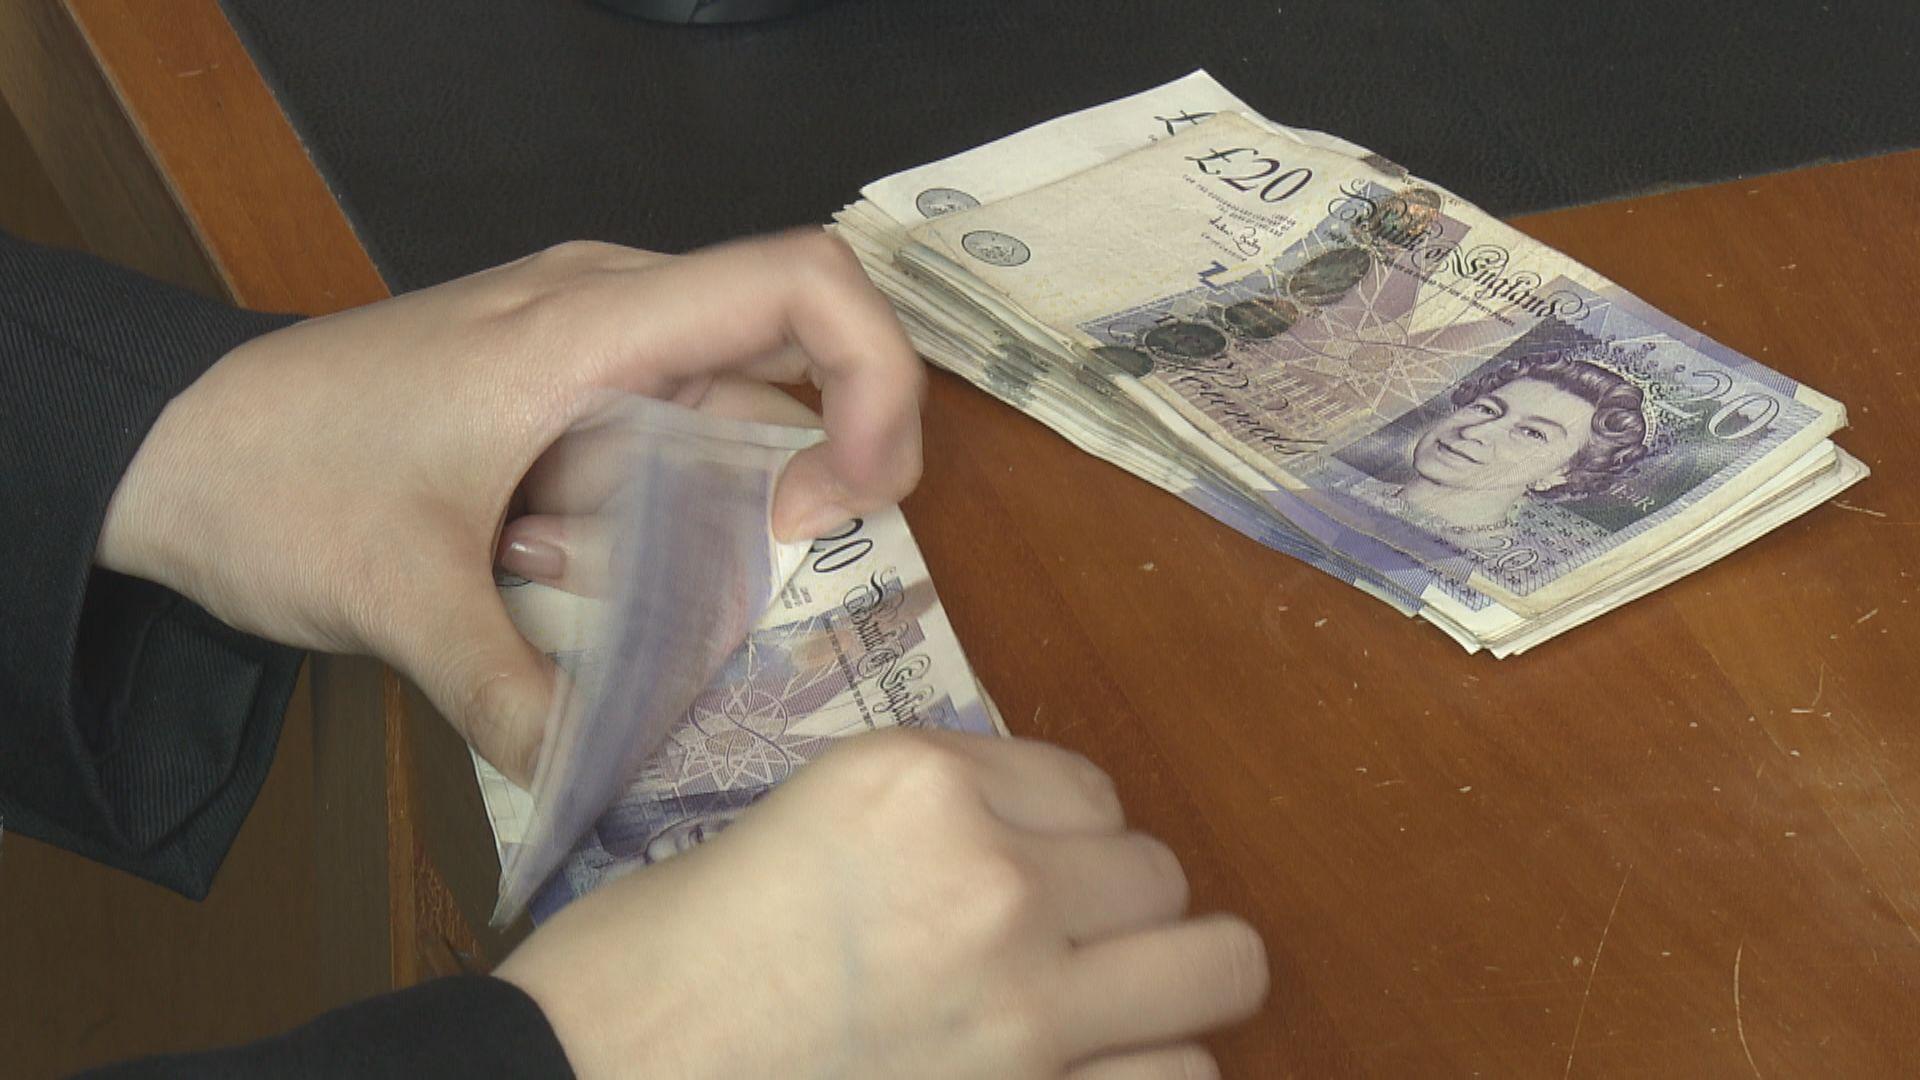 憂慮英國無協議脫歐 英鎊4連跌並見逾一周低位